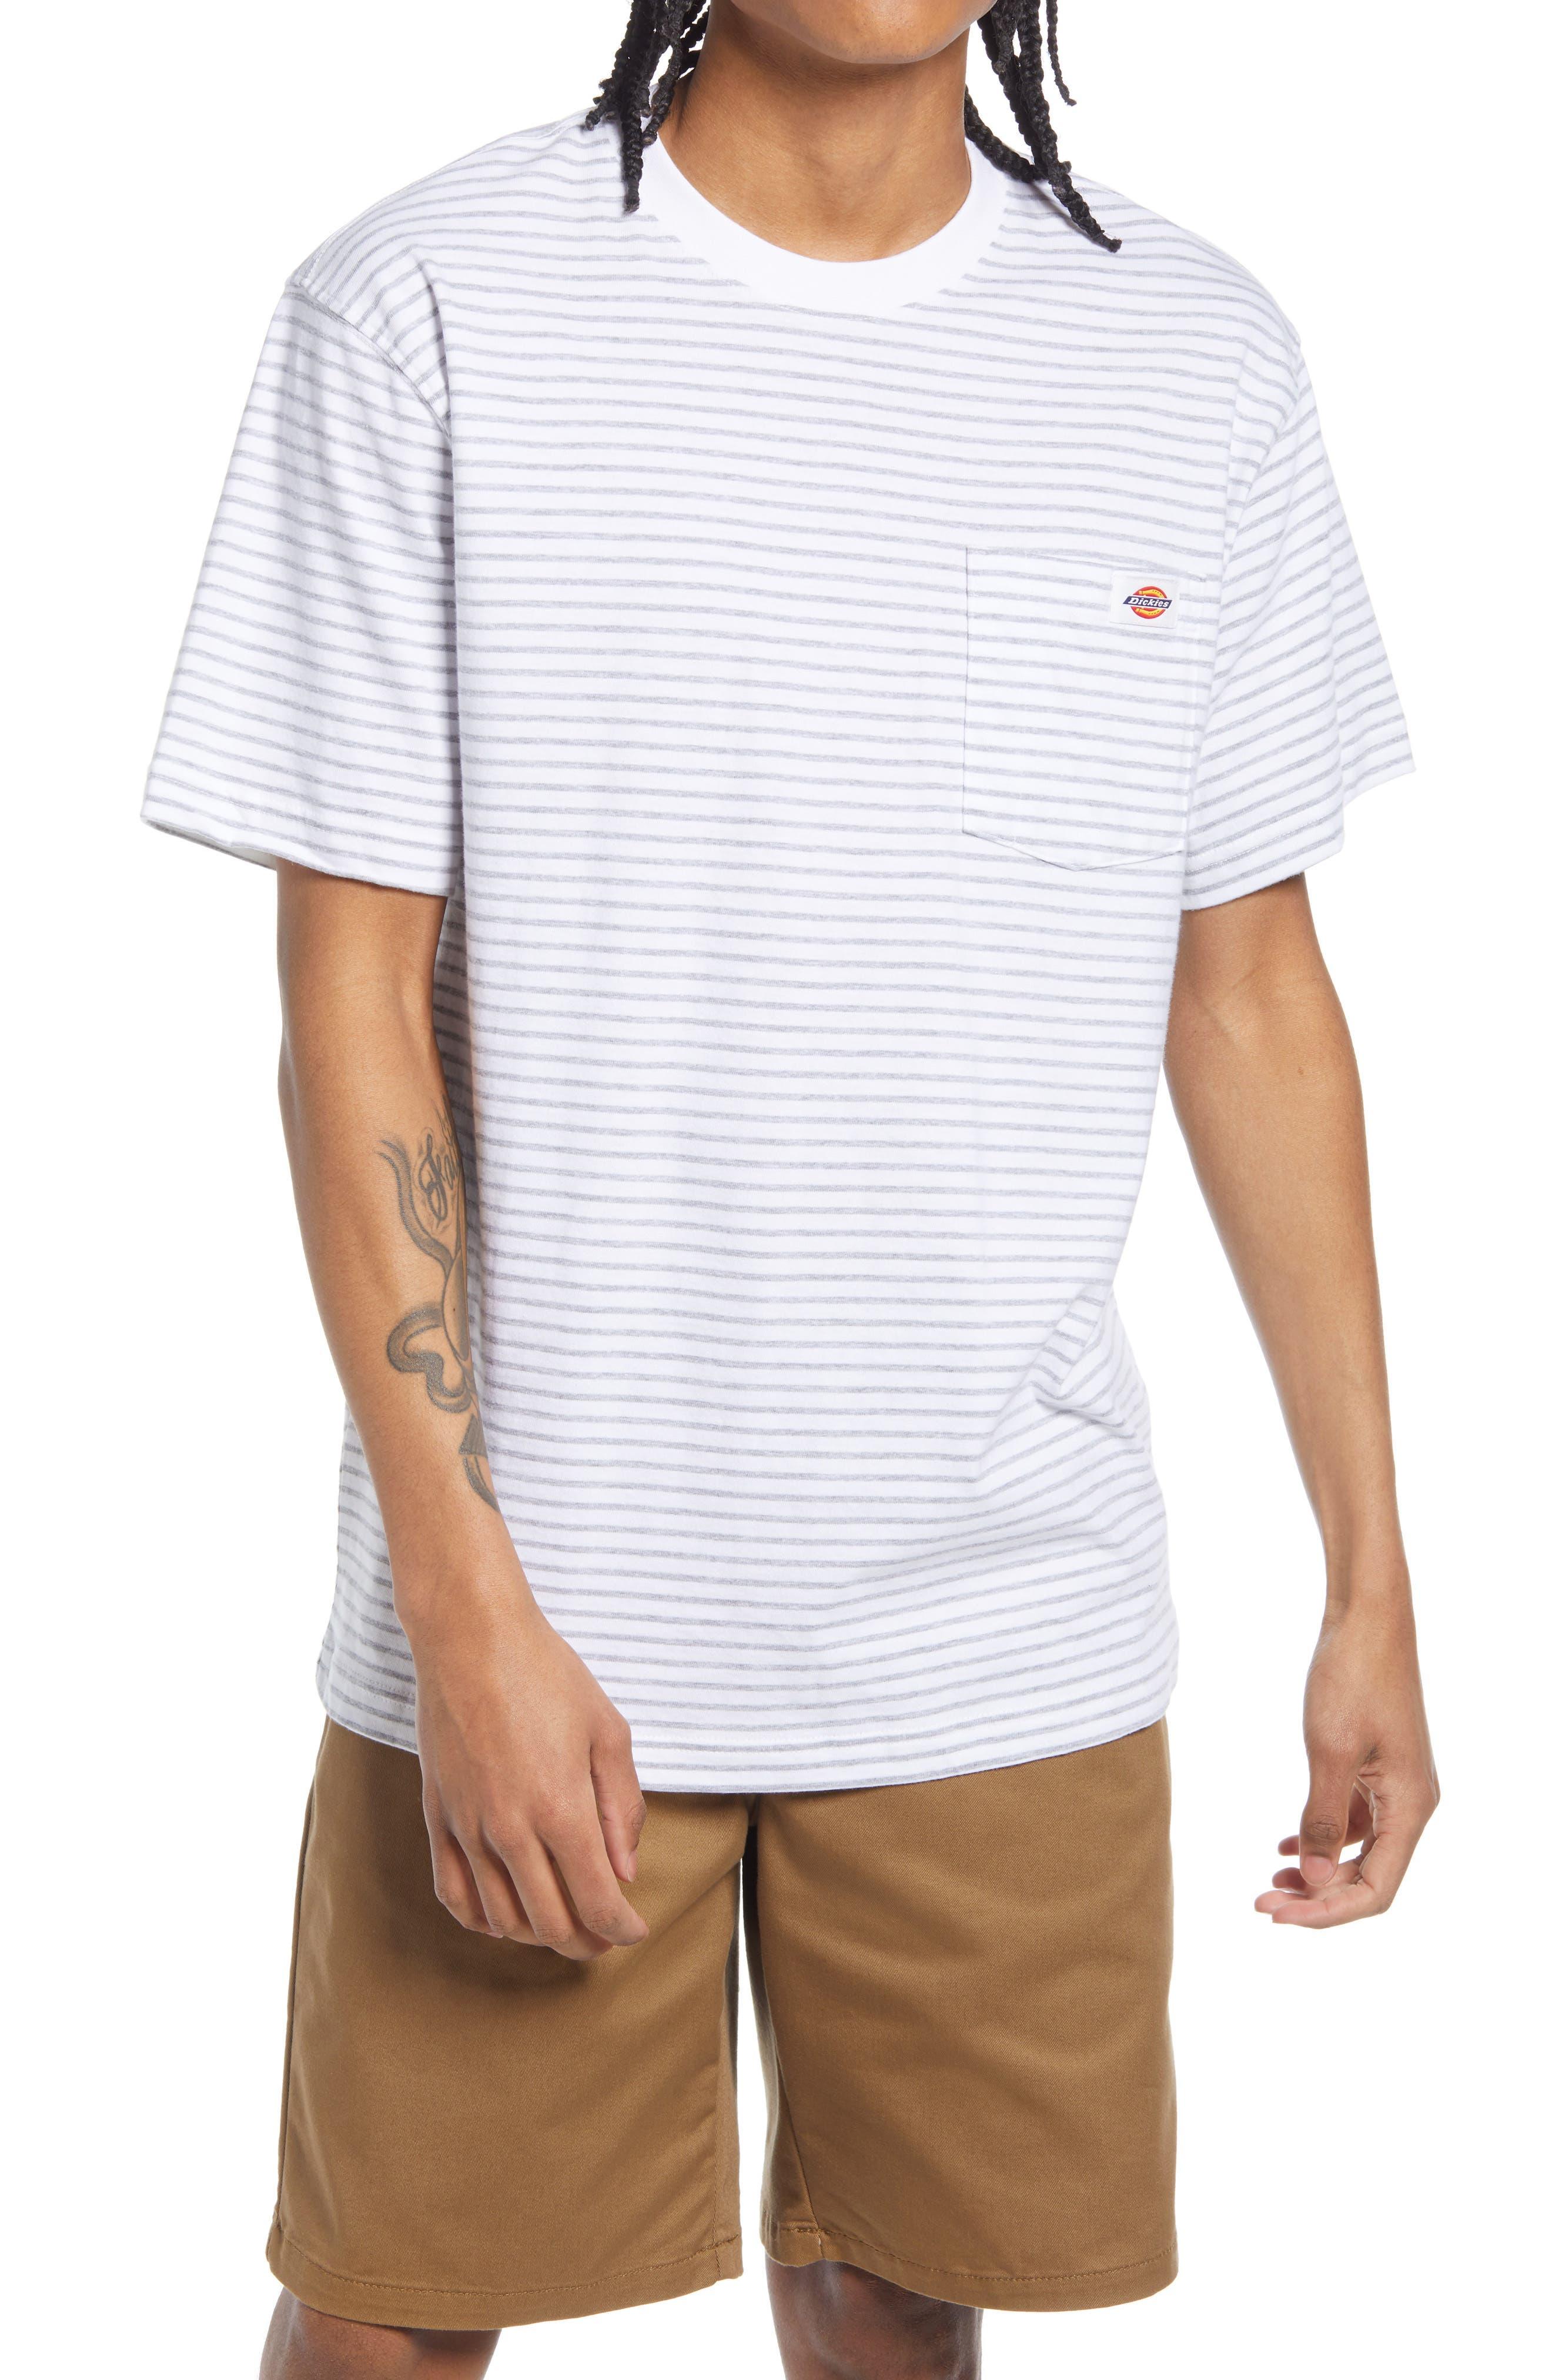 Clean Utility Core Stripe Pocket T-Shirt